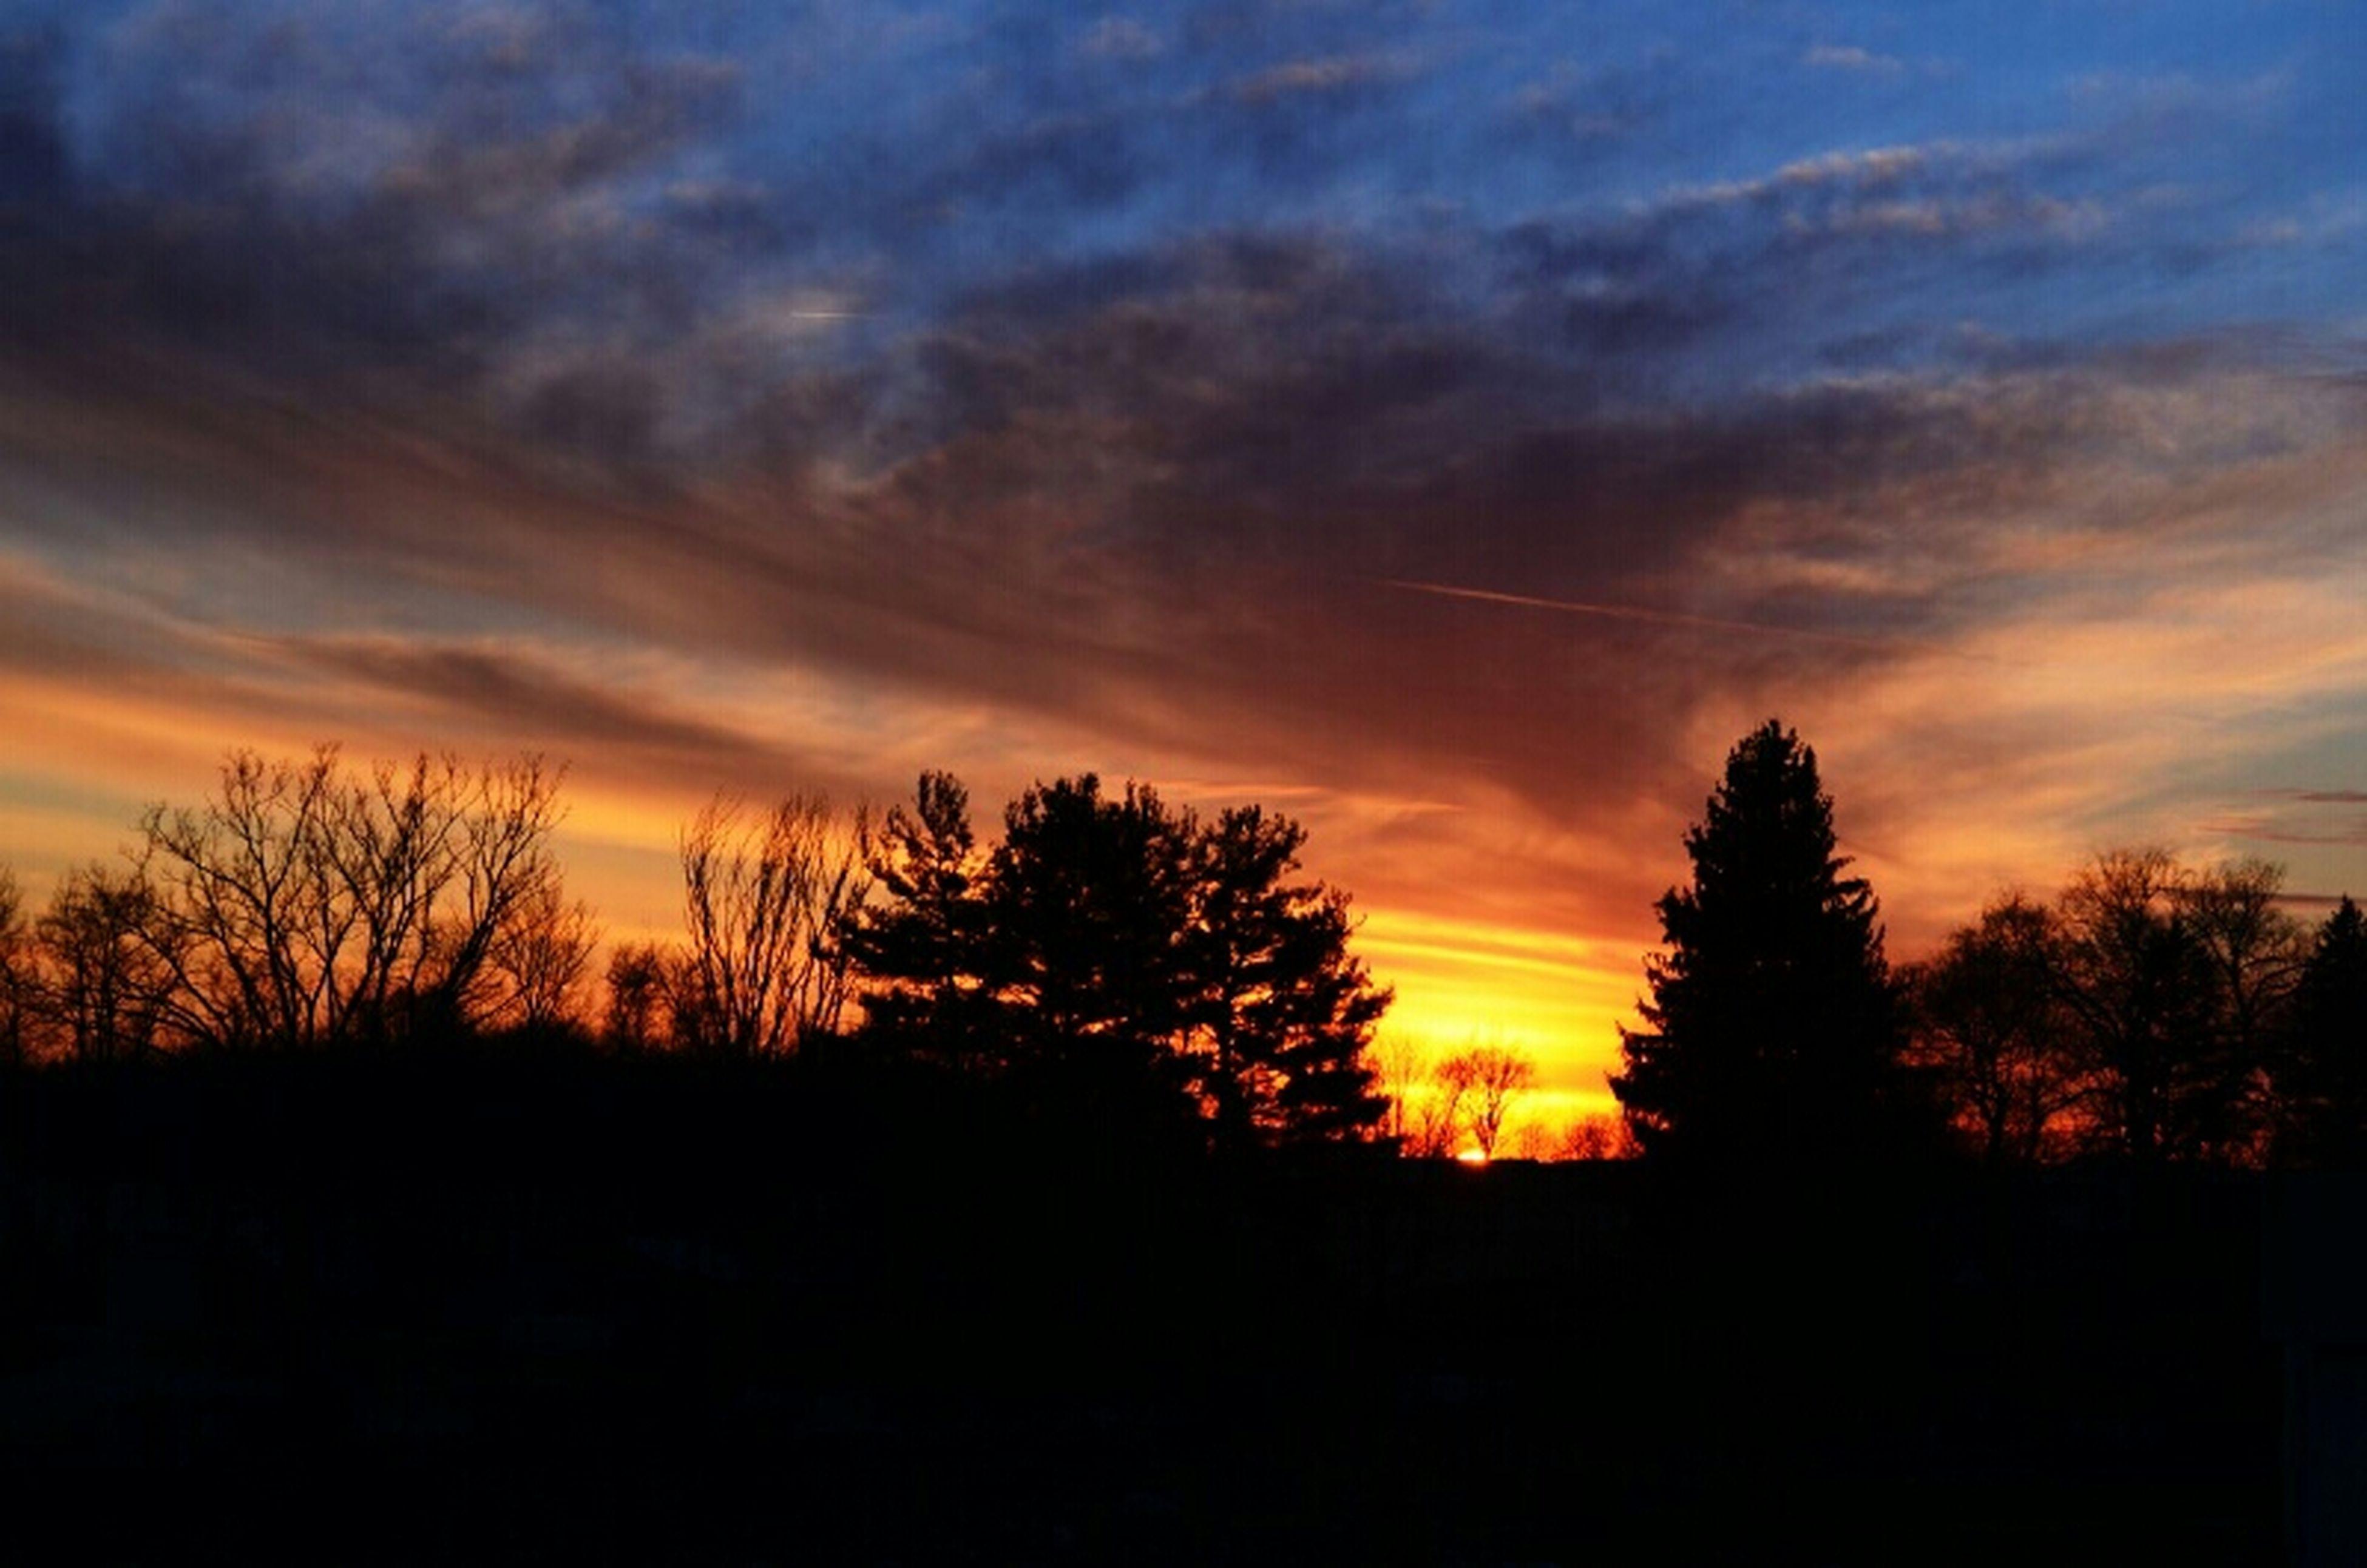 Sunset Silhouette Pennsylvania Beauty Sunset Silhouettes Rural Landscape Pennsylvania